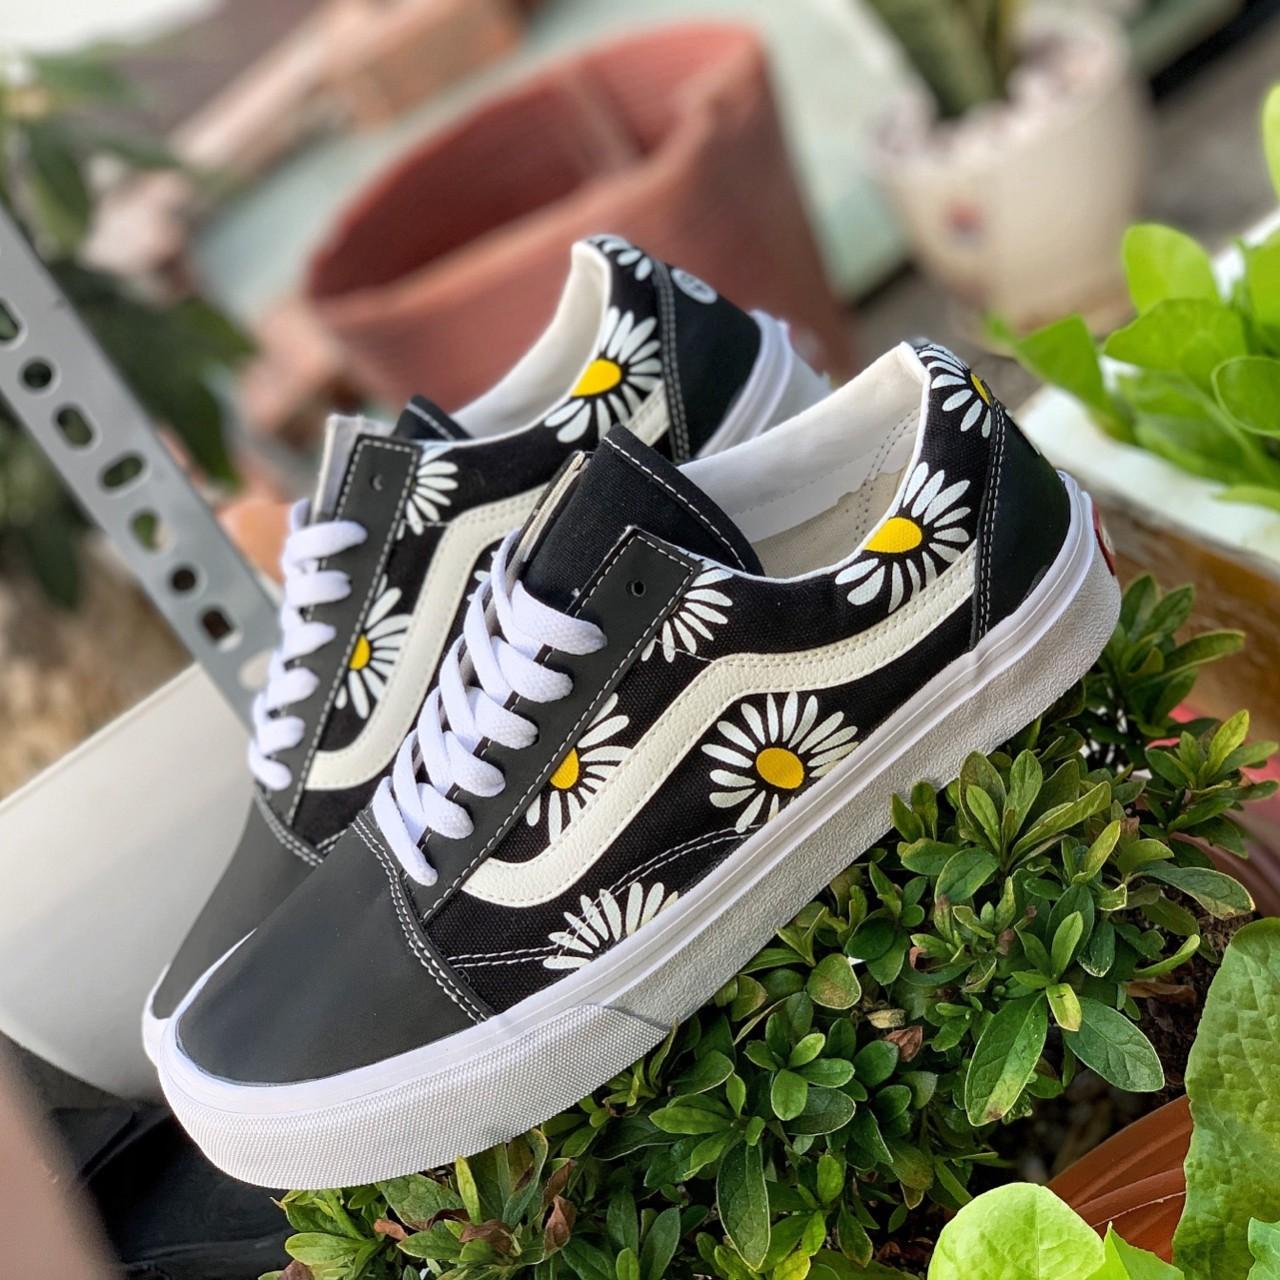 giày vans hoa cúc giá rẻ